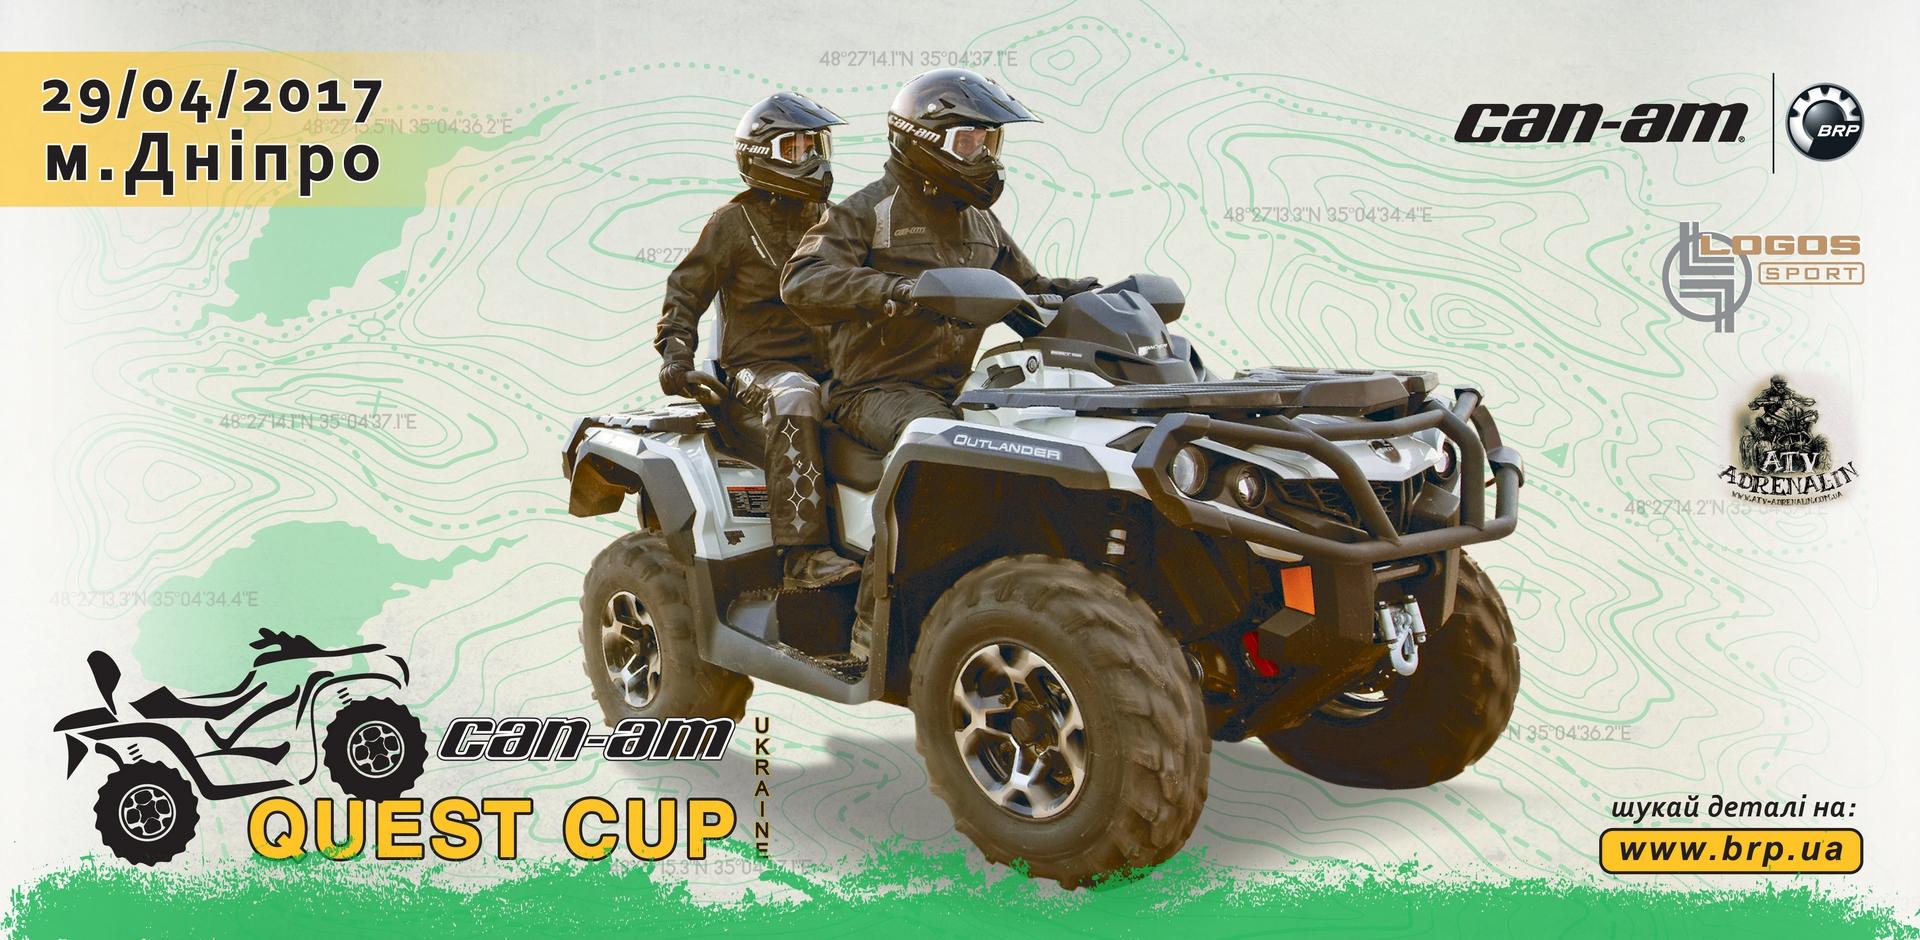 Вперше в Україні! Серія «CAN-AM QUEST CUP»! Перший етап – 29.04.2017, Дніпро.